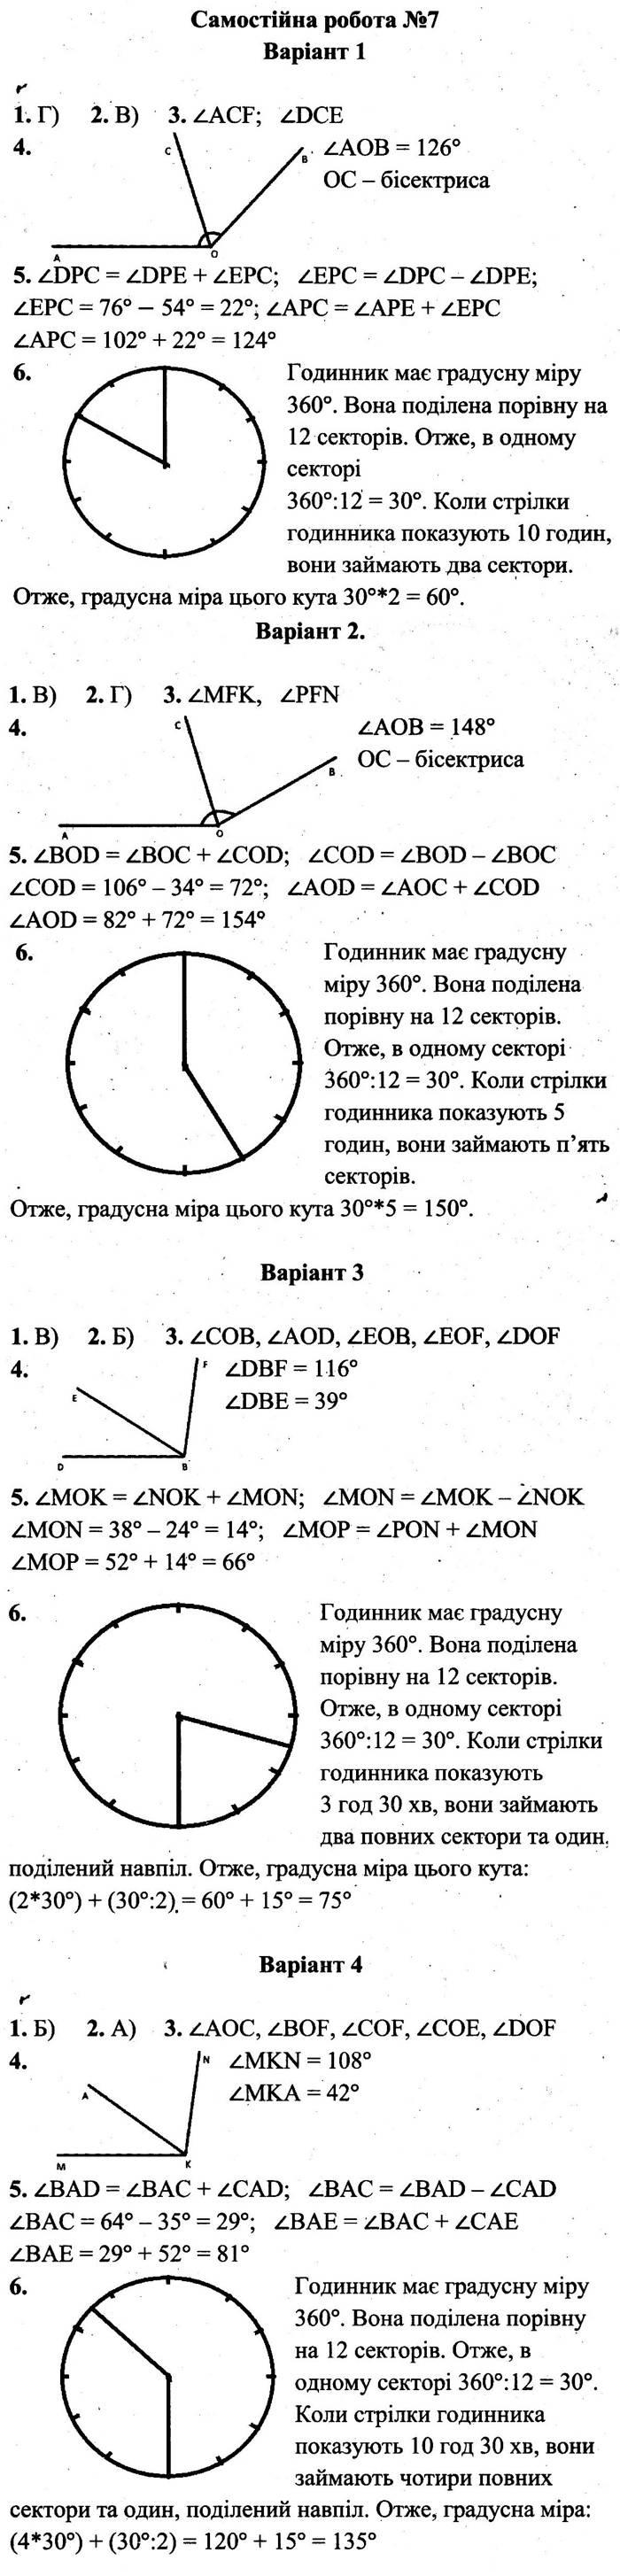 Розв'язання завдань до самостійної роботи 7 посібника 5 клас Математика Мерзляк (збірник самостійних робіт і тестів) 2020 рік